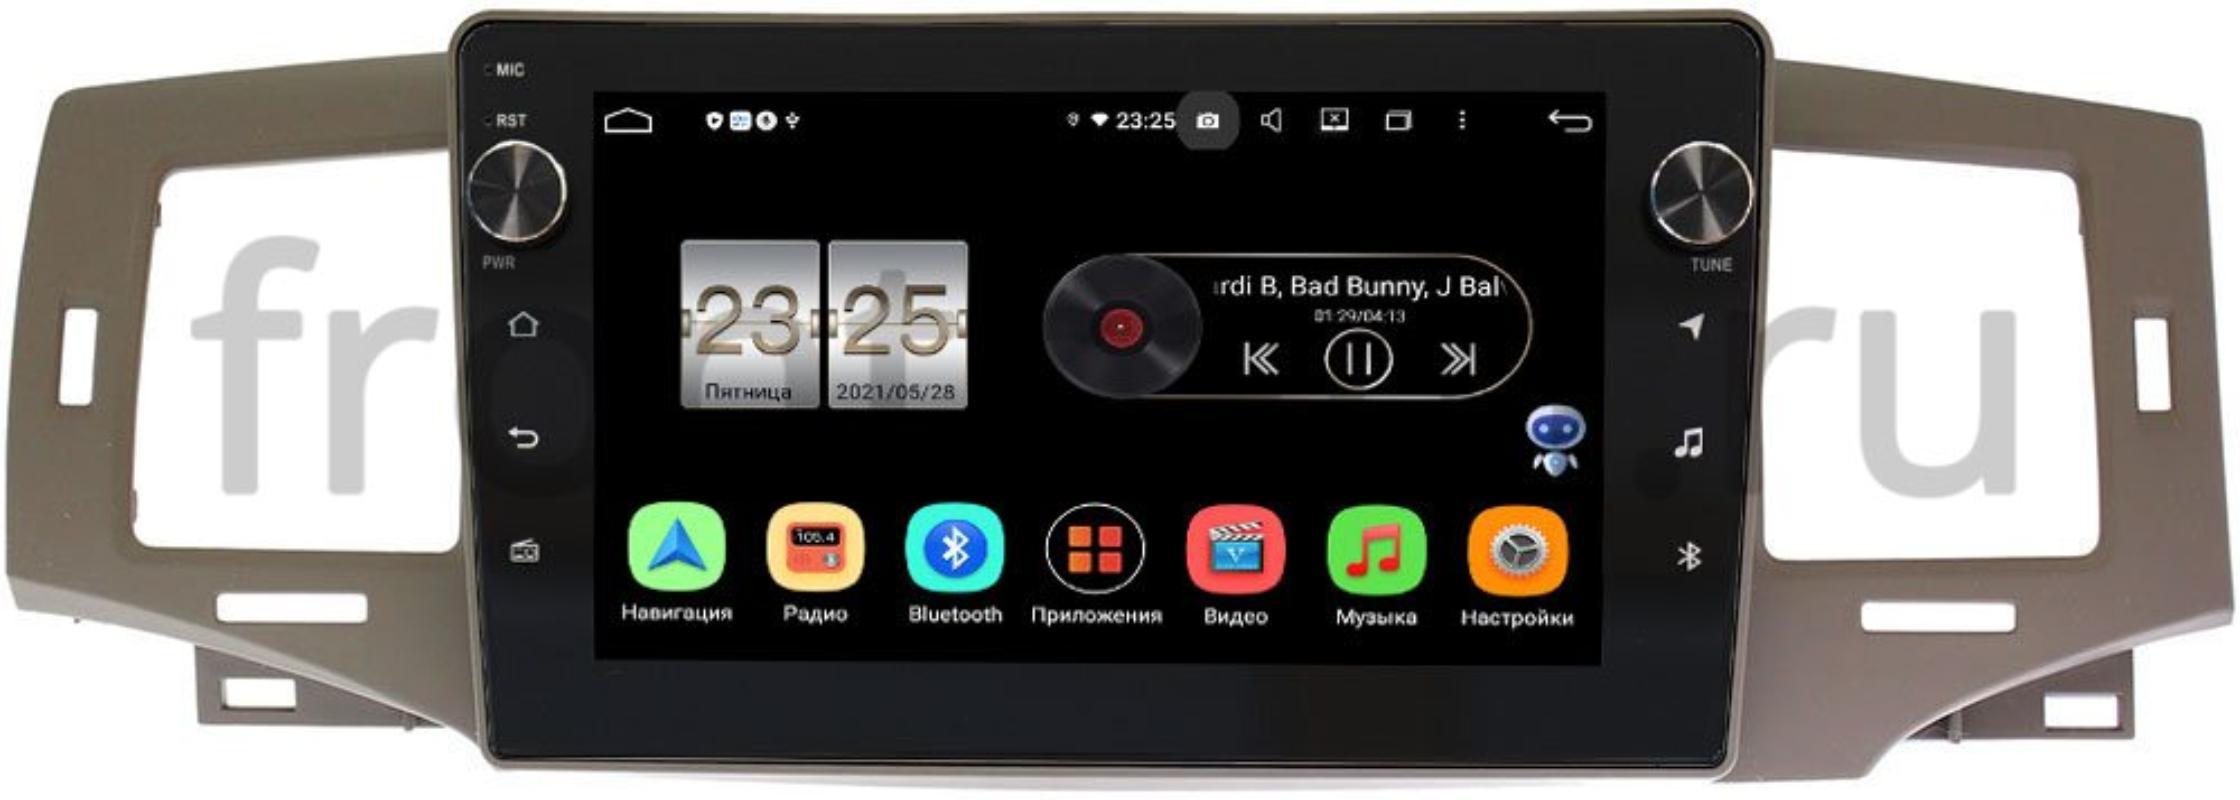 Штатная магнитола LeTrun BPX609-9238 для Toyota Corolla IX, Allex 2000-2007 на Android 10 (4/64, DSP, IPS, с голосовым ассистентом, с крутилками) (+ Камера заднего вида в подарок!)